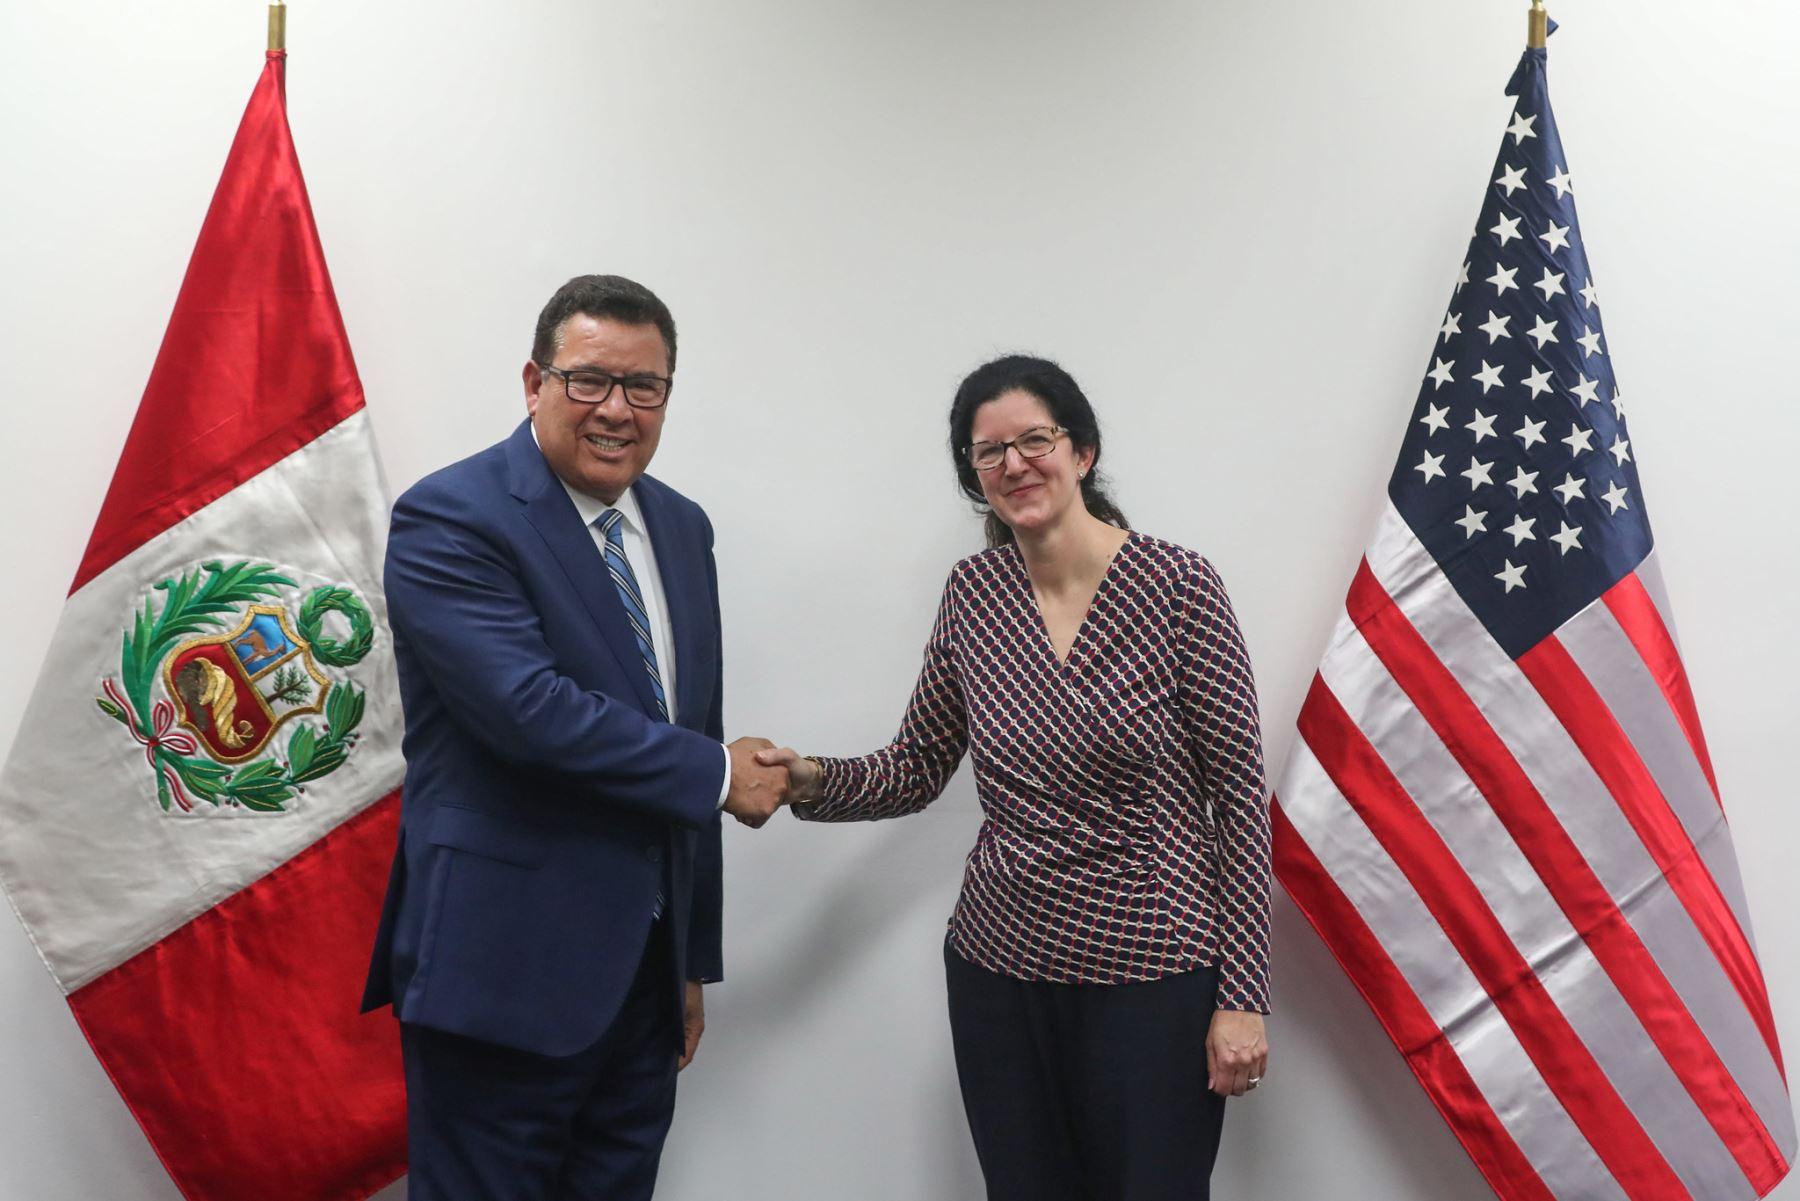 Ministro de Defensa José Huerta, se reunió con la Subsecretaria para asuntos del hemisferio occidental del departamento de estado de los Estados Unidos Kimberly Breier. Foto: ANDINA/ MINDEF